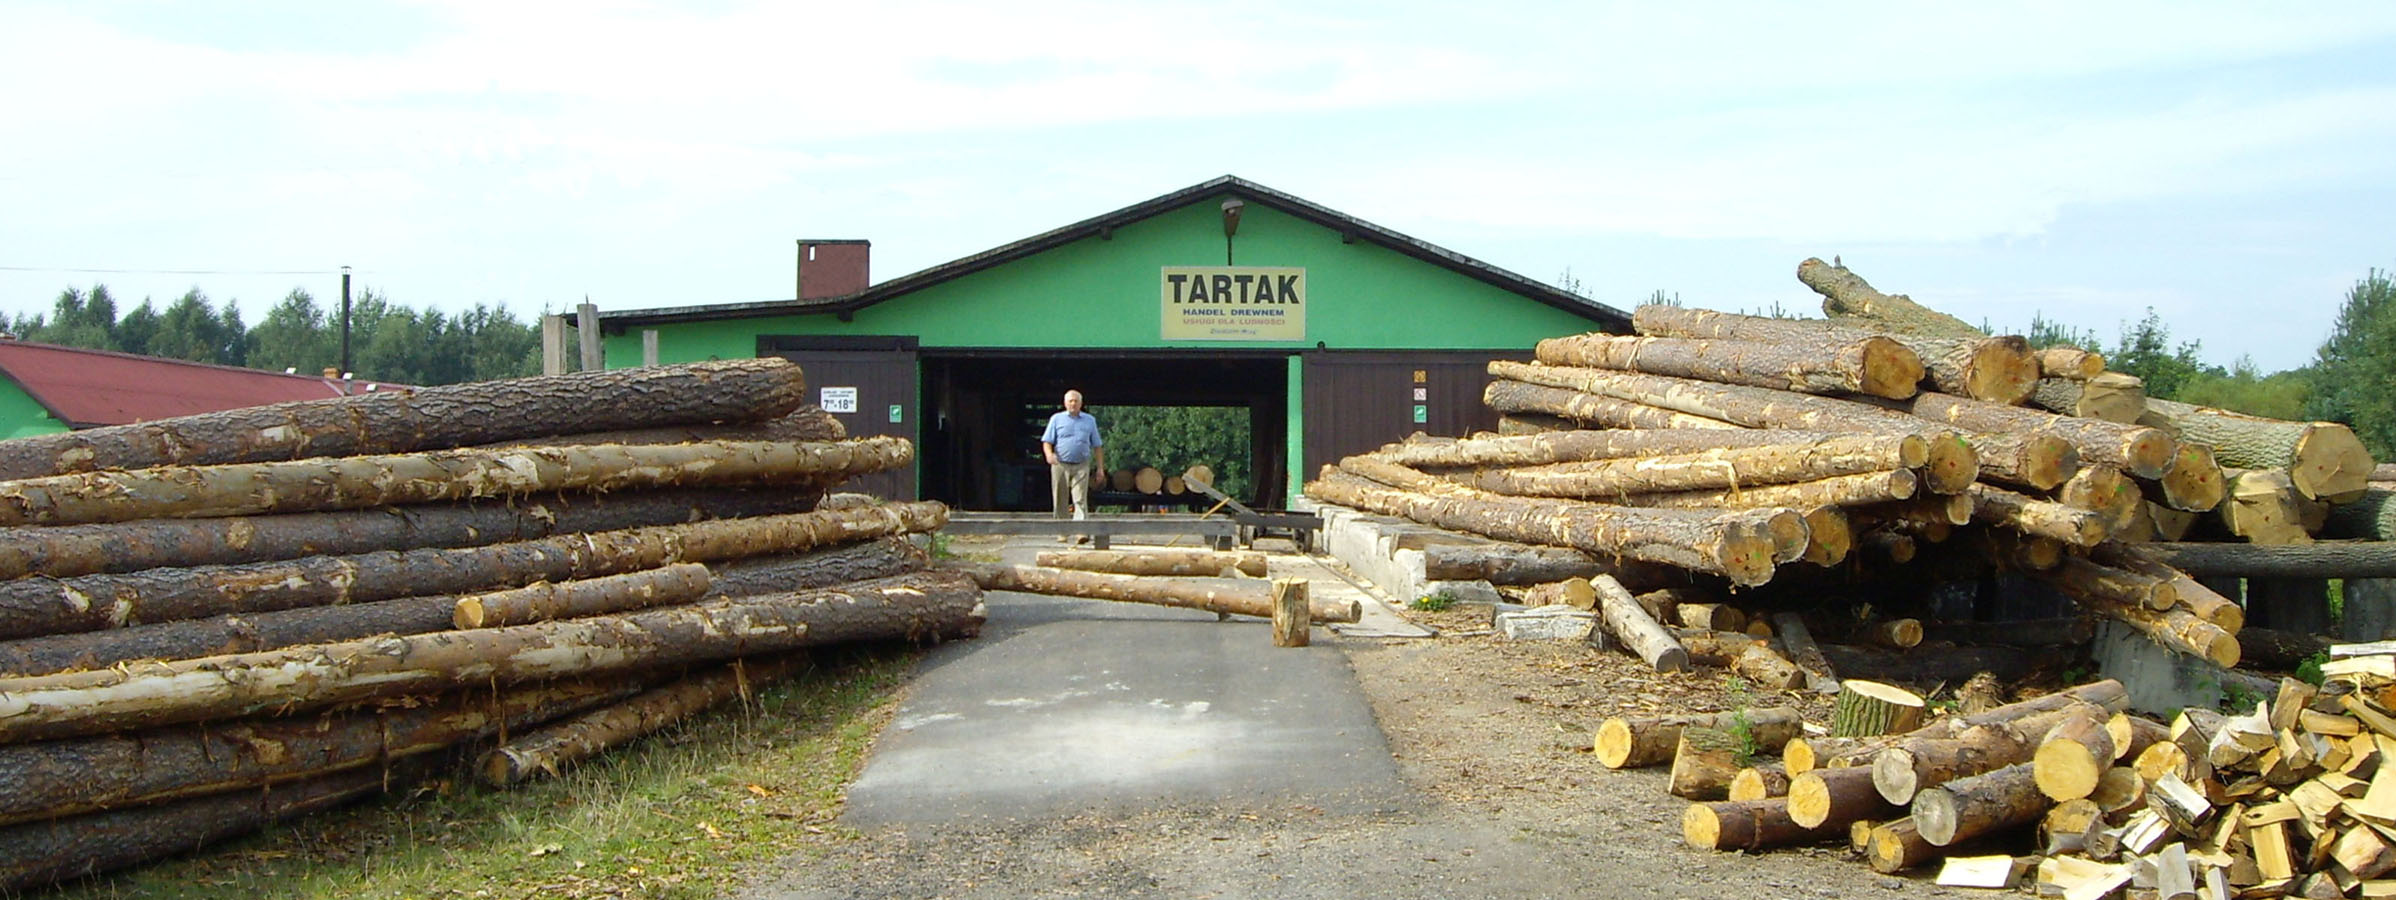 http://www.tartakkozieglowy.pl/images/tartak_front1.jpg